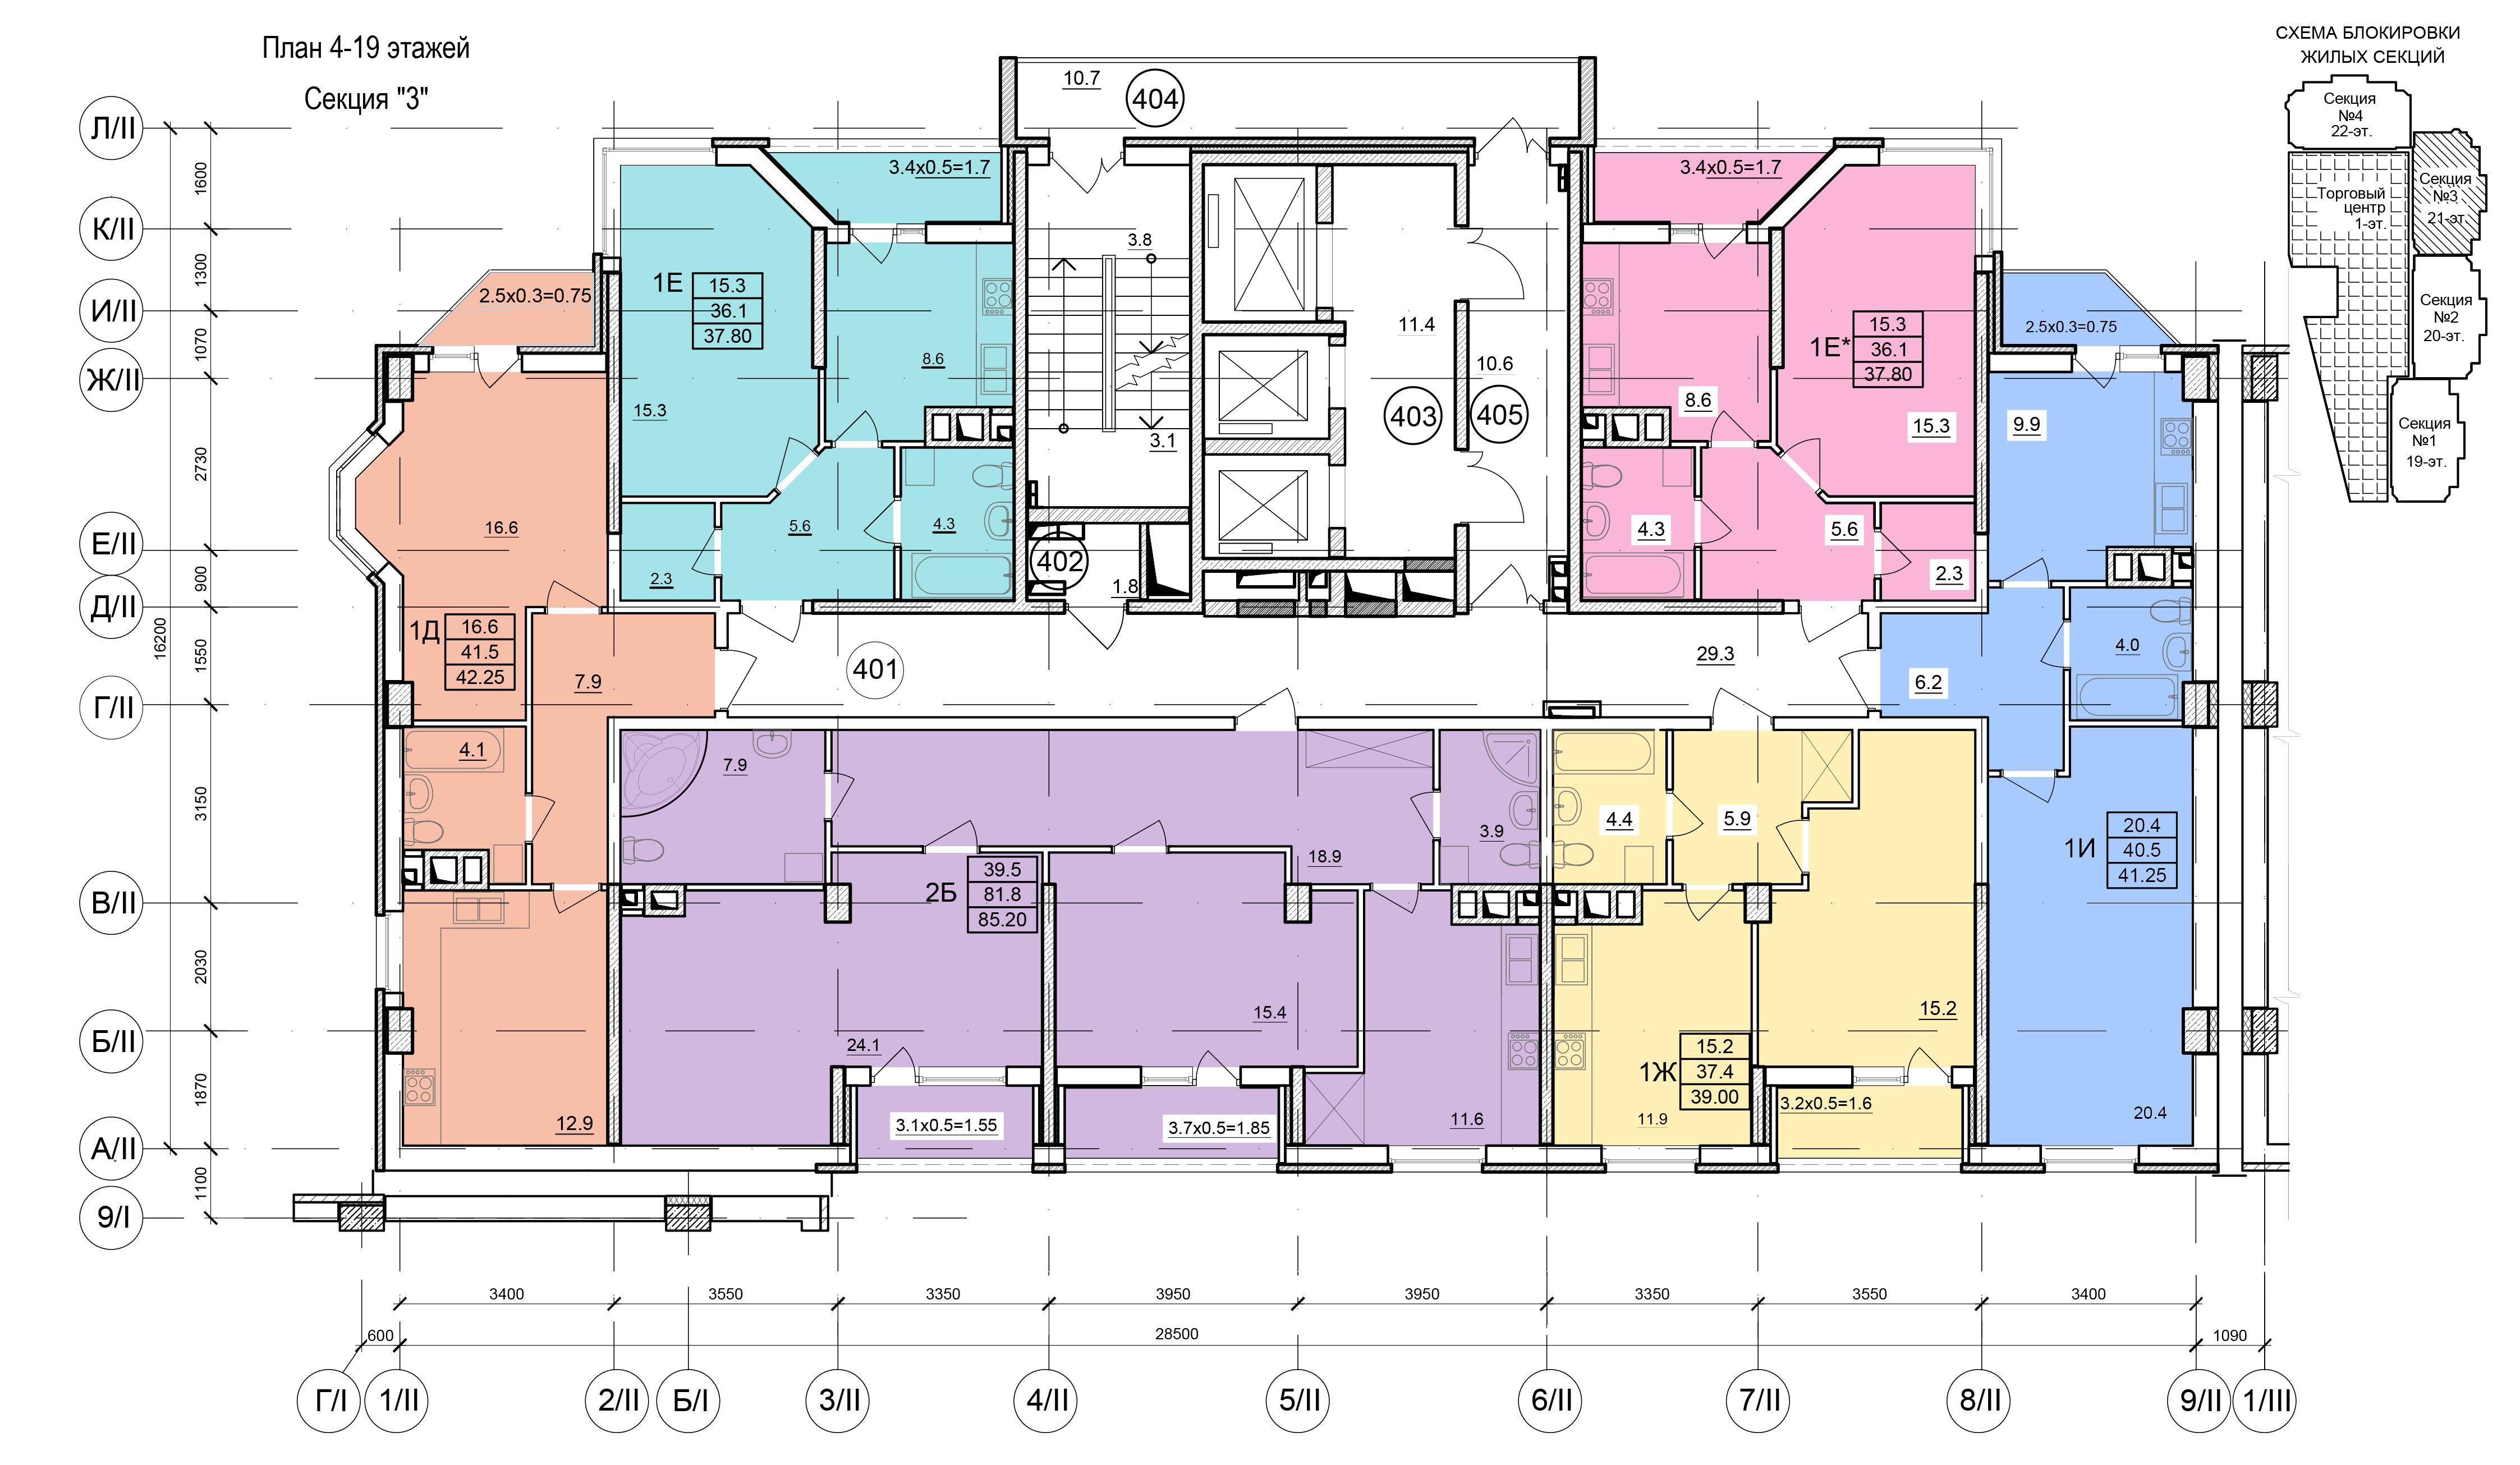 Планировки ЖК Балковский - Стикон. Секция 3, этаж 4-19